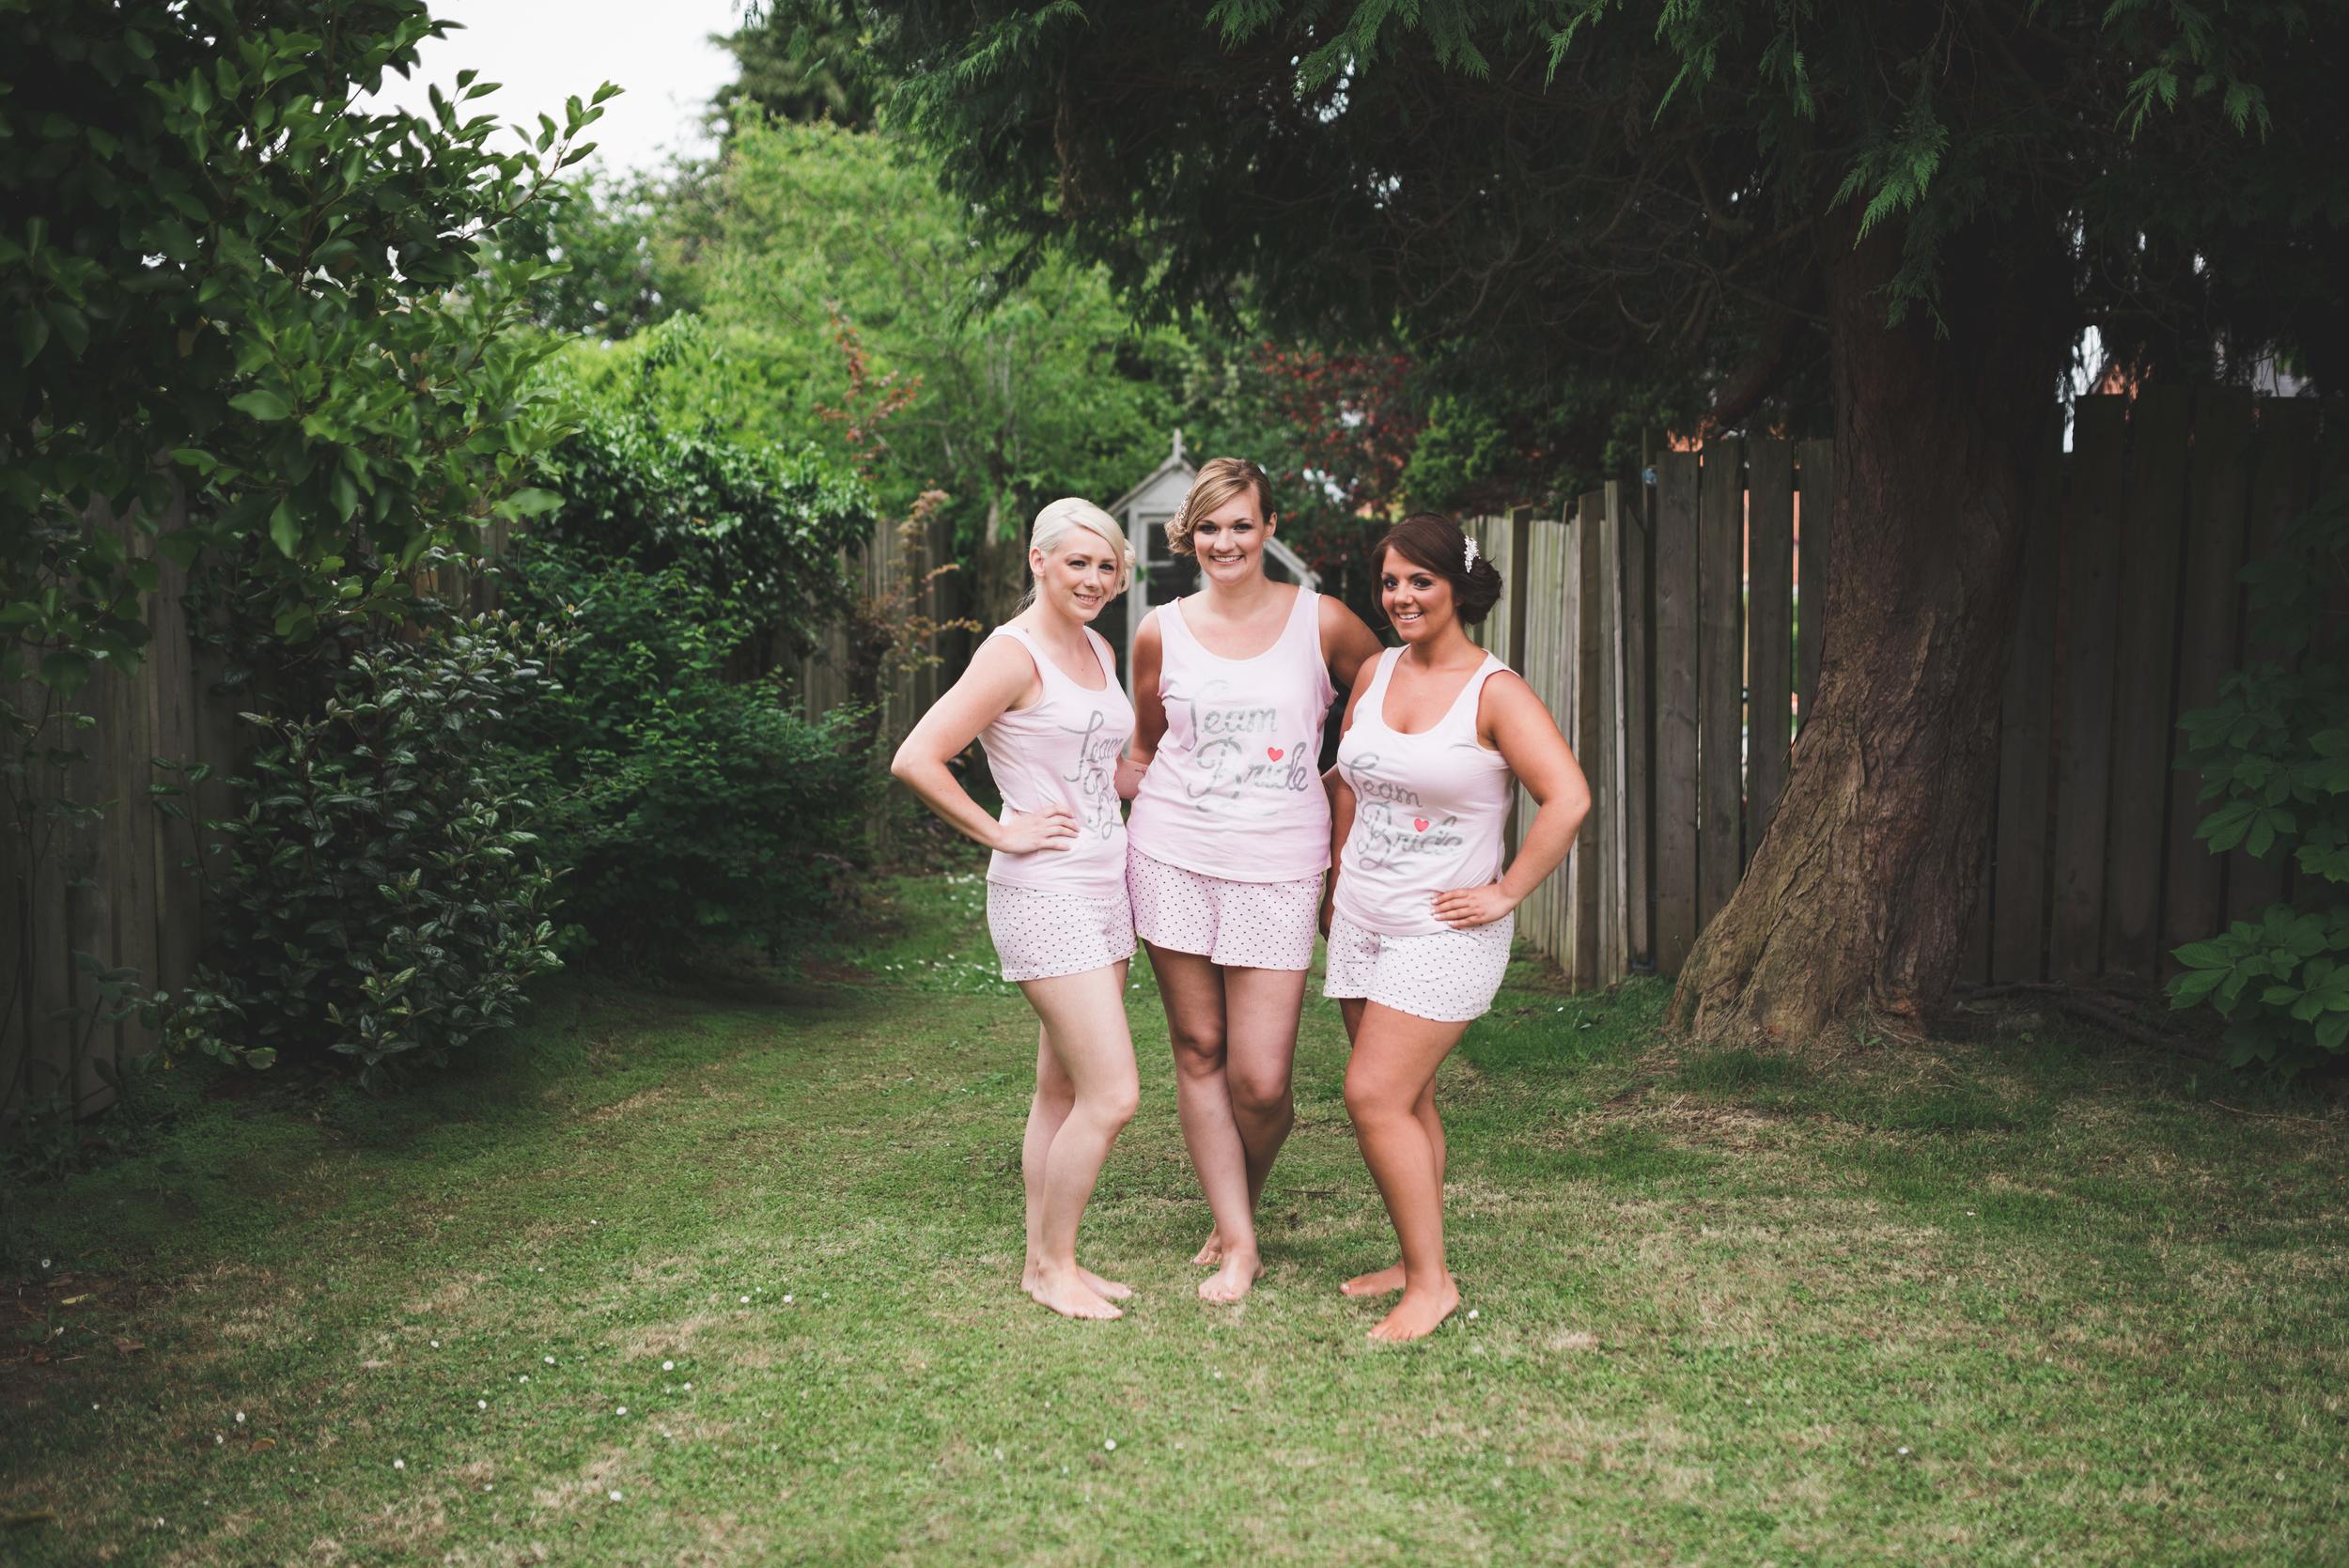 Ballymac_hotel_wedding_lisburn_bridesmaids_getting_ready